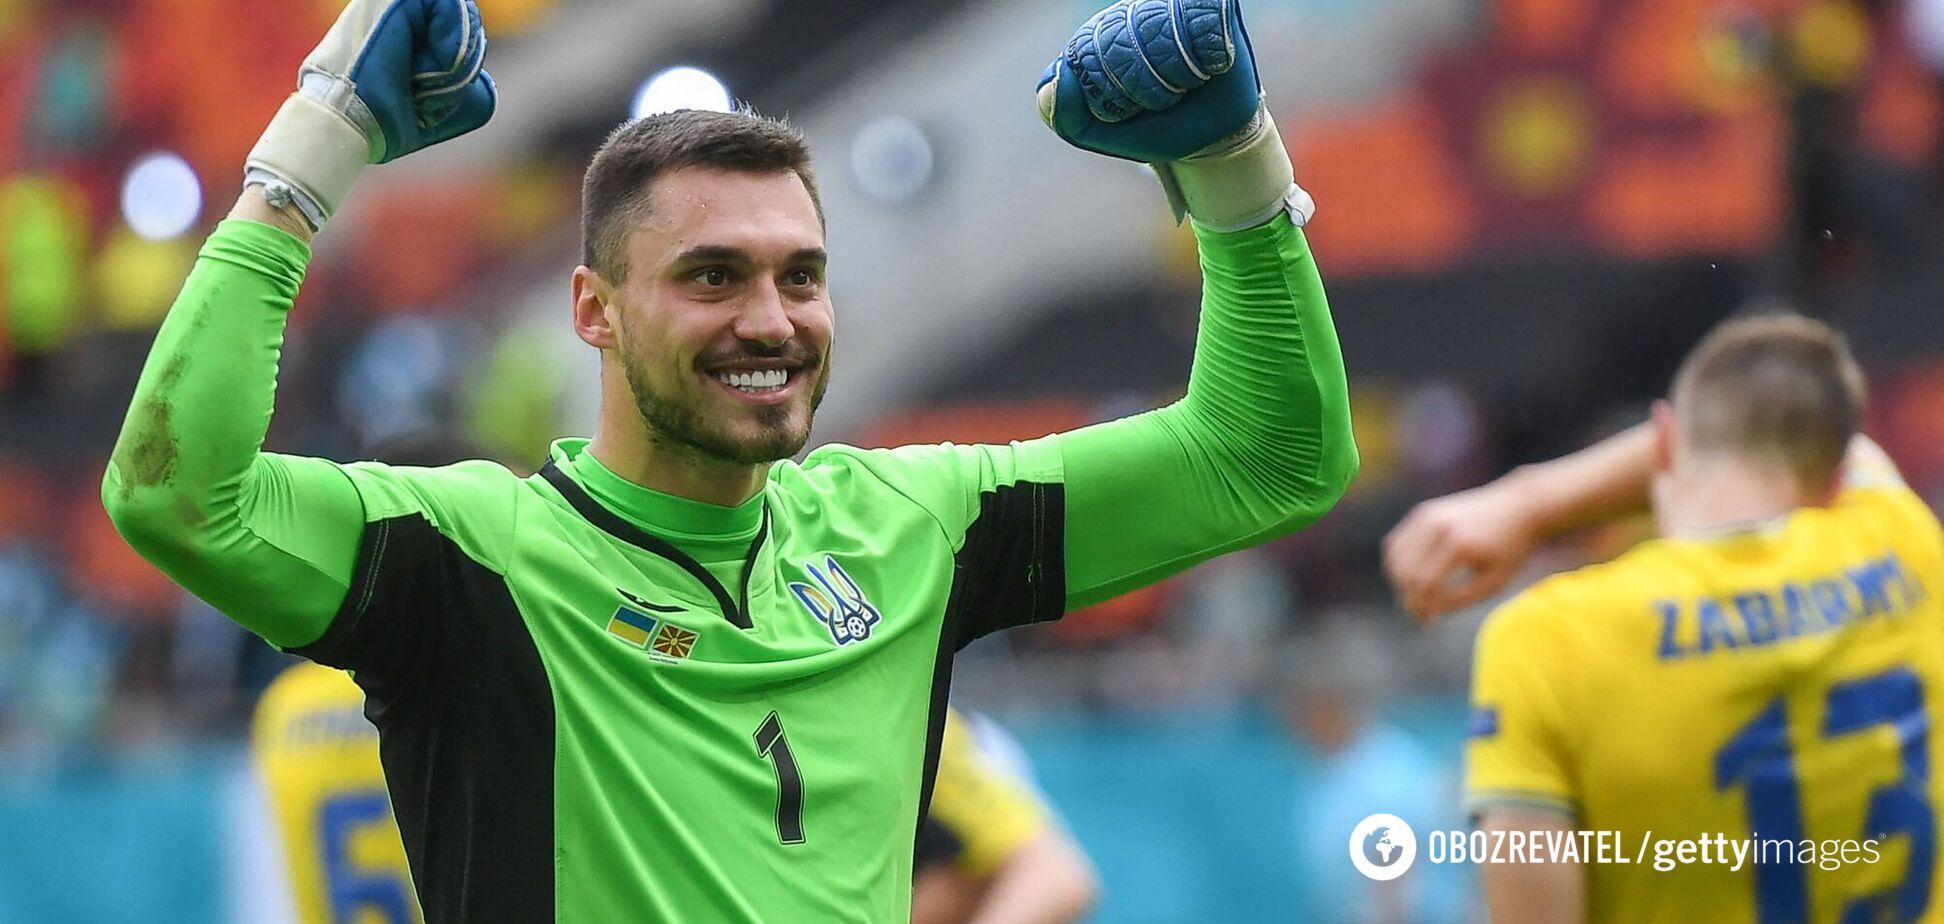 'Принципиально': вратарь 'Динамо' рассказал о том, чем его бесят фанаты